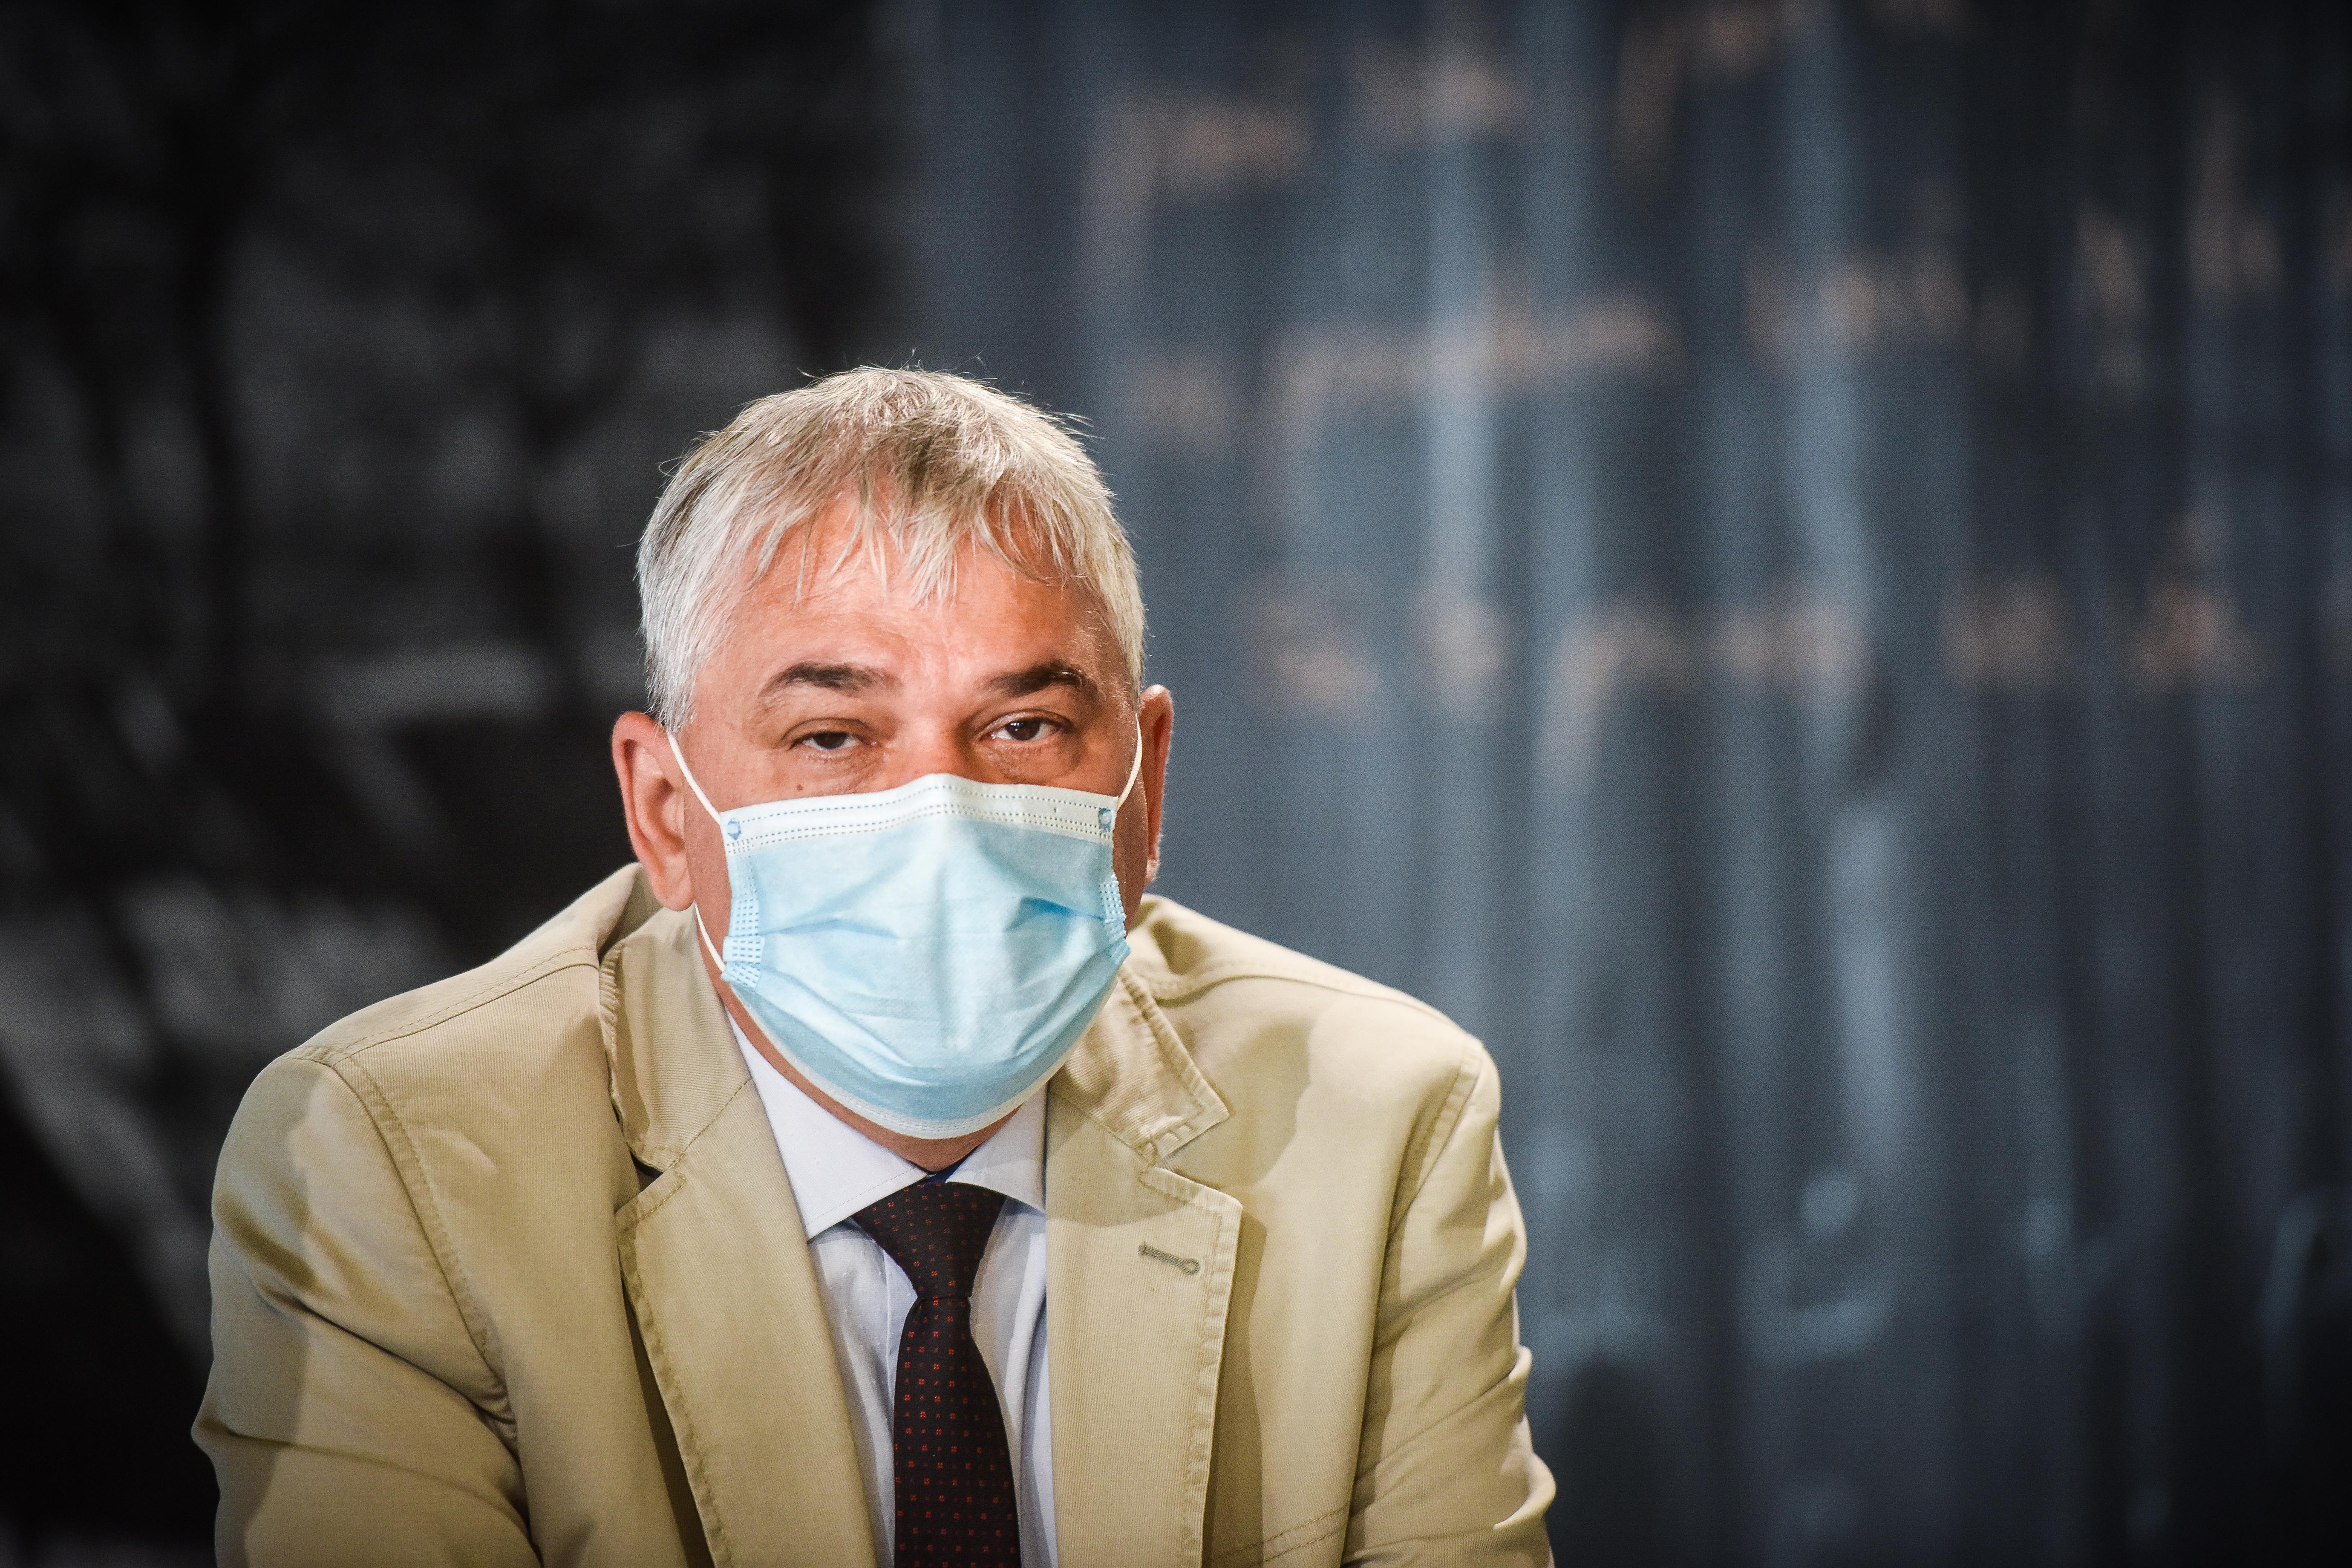 Interviu, Benedek Zacharie: Noul spital județean ar fi trebuit să fie într-un alt stadiu, trebuia să fie pornită lucrarea, trebuia să fie constructorul în șantier